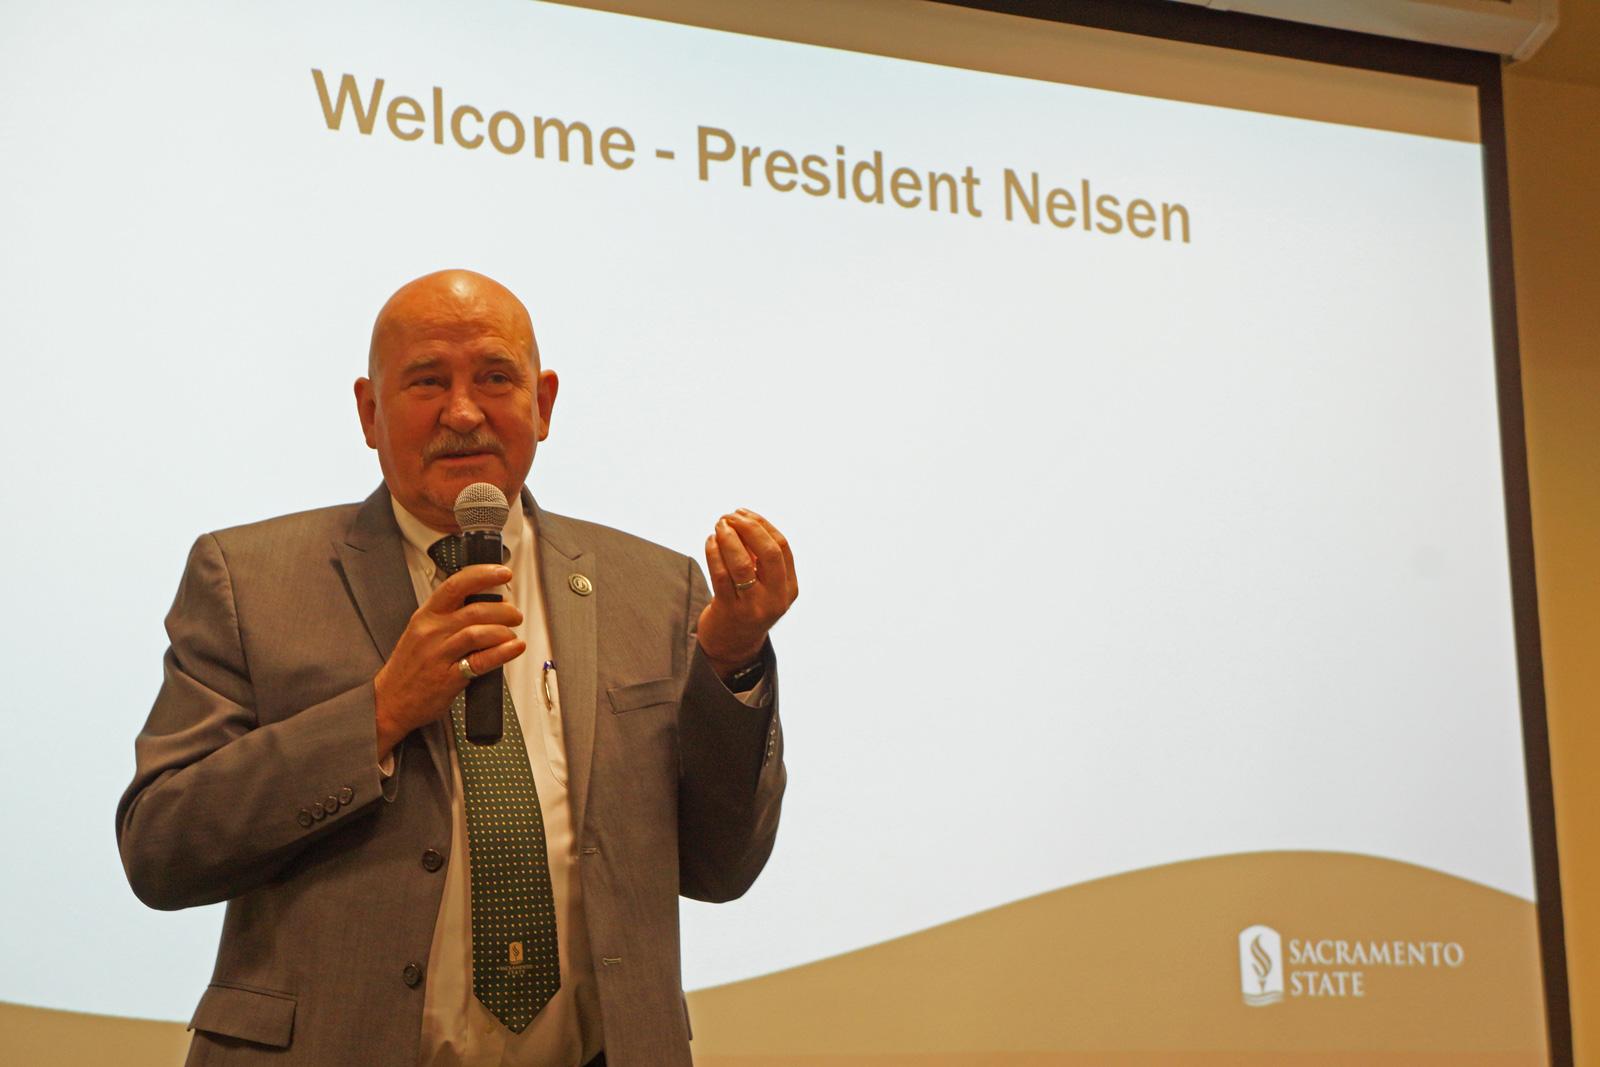 Sac State President Robert Nelsen